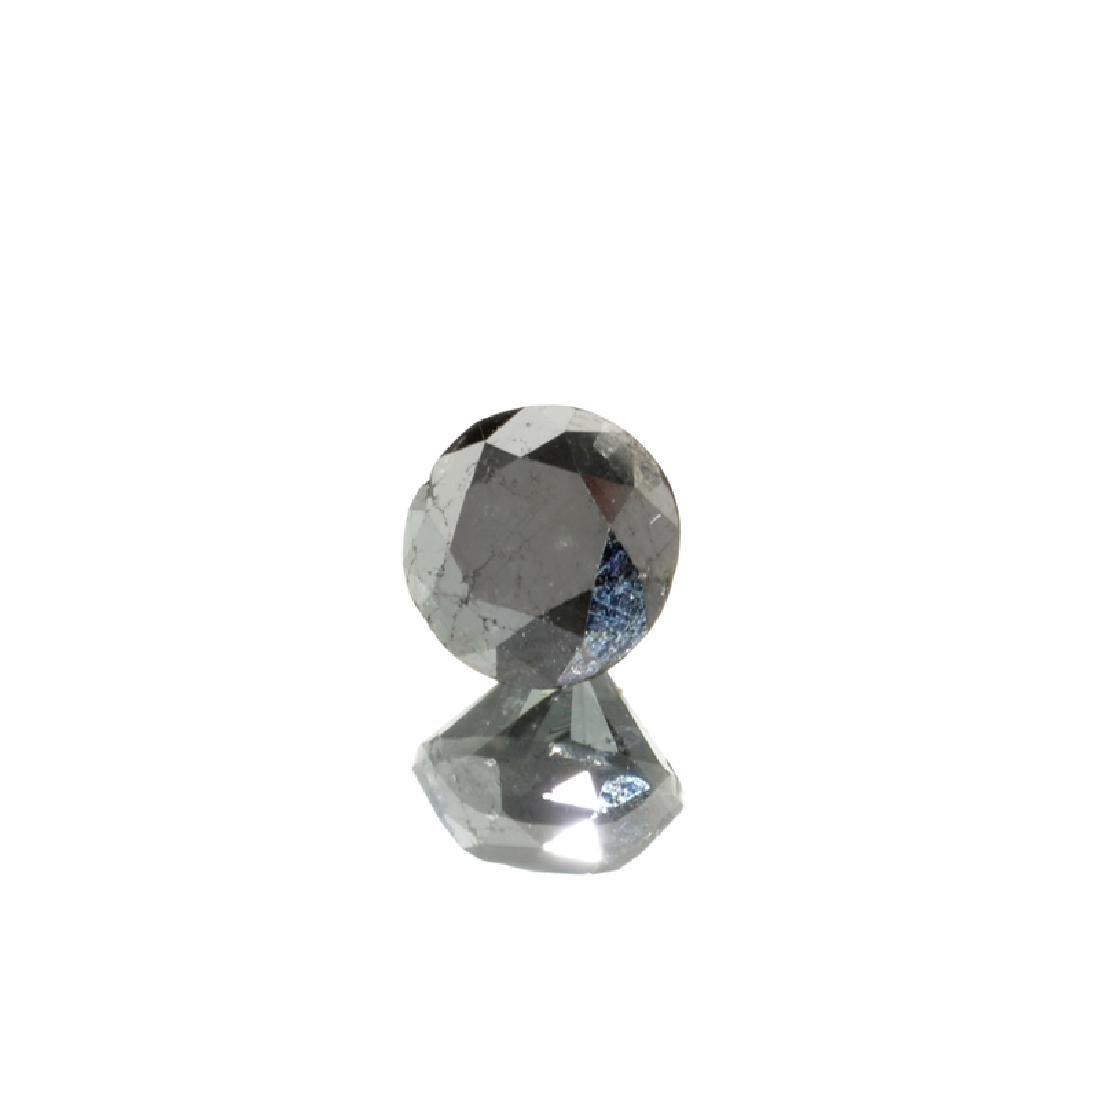 APP: 3.2k 3.55CT Round Cut Rare Black Diamond Gemstone